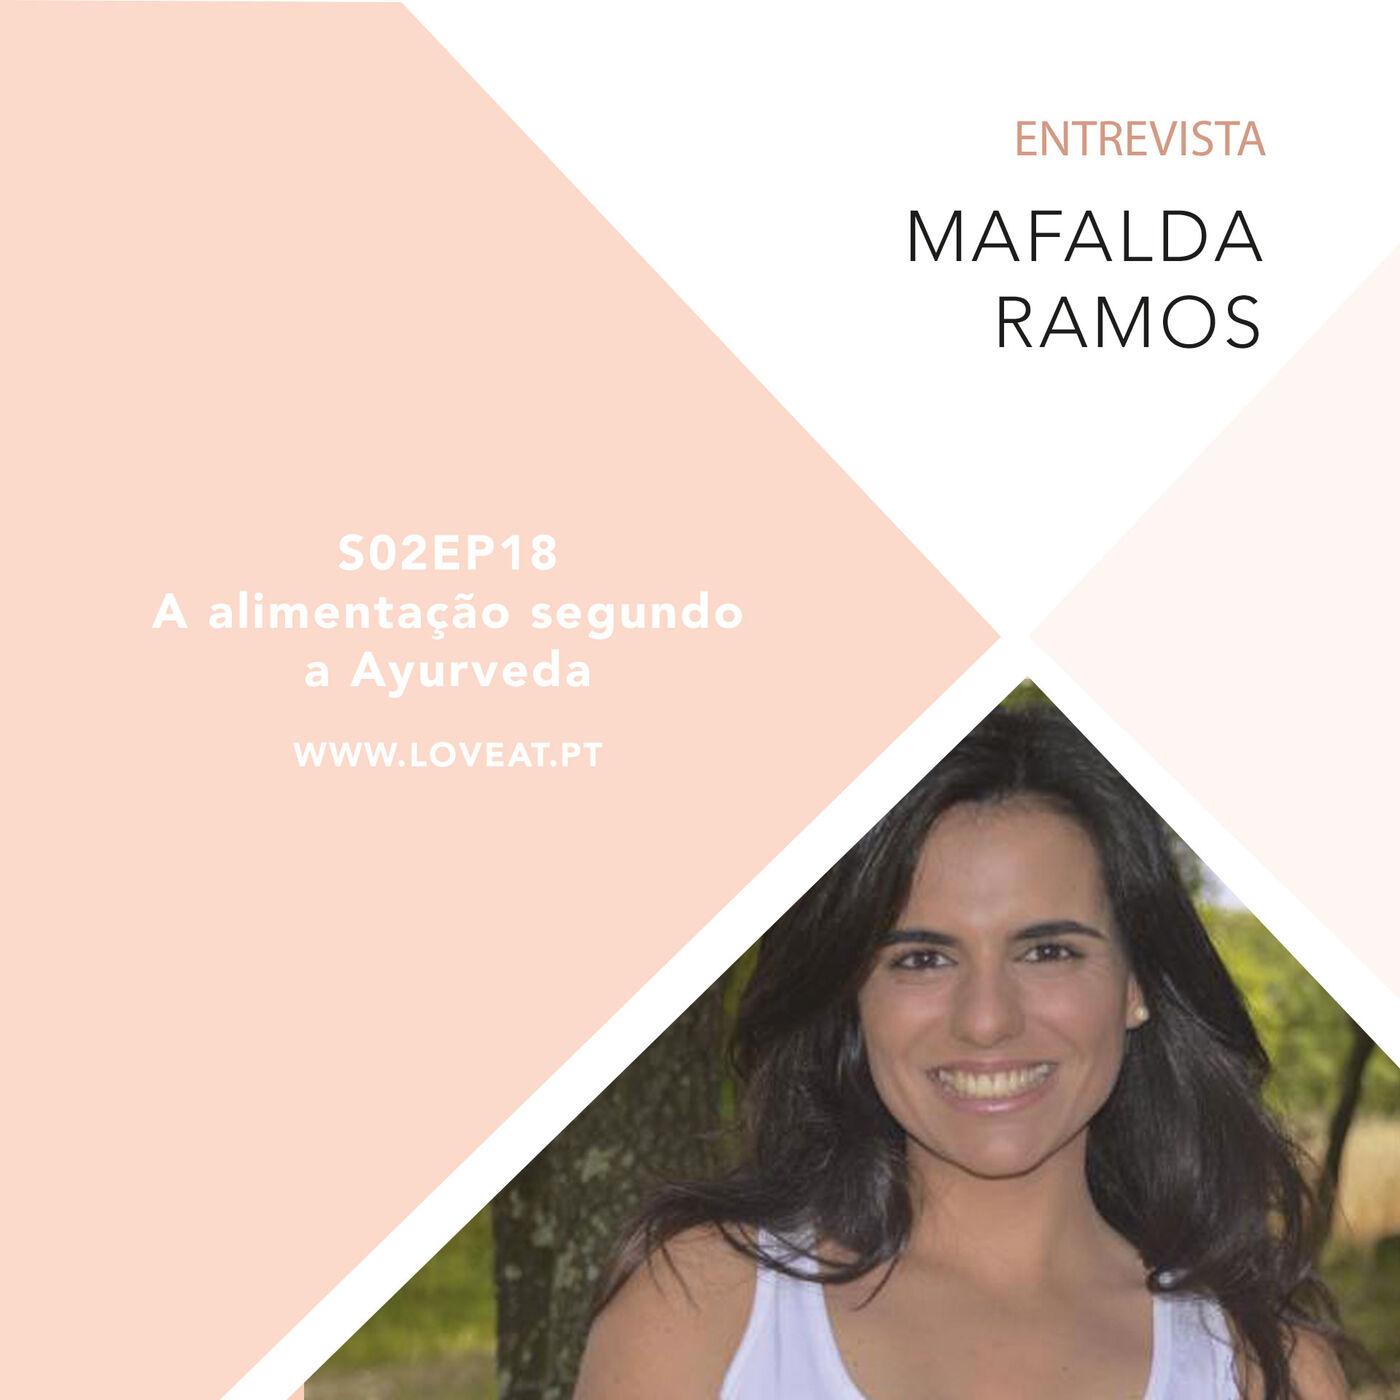 S02EP18 - Entrevista Mafalda Ramos - A Ayurveda